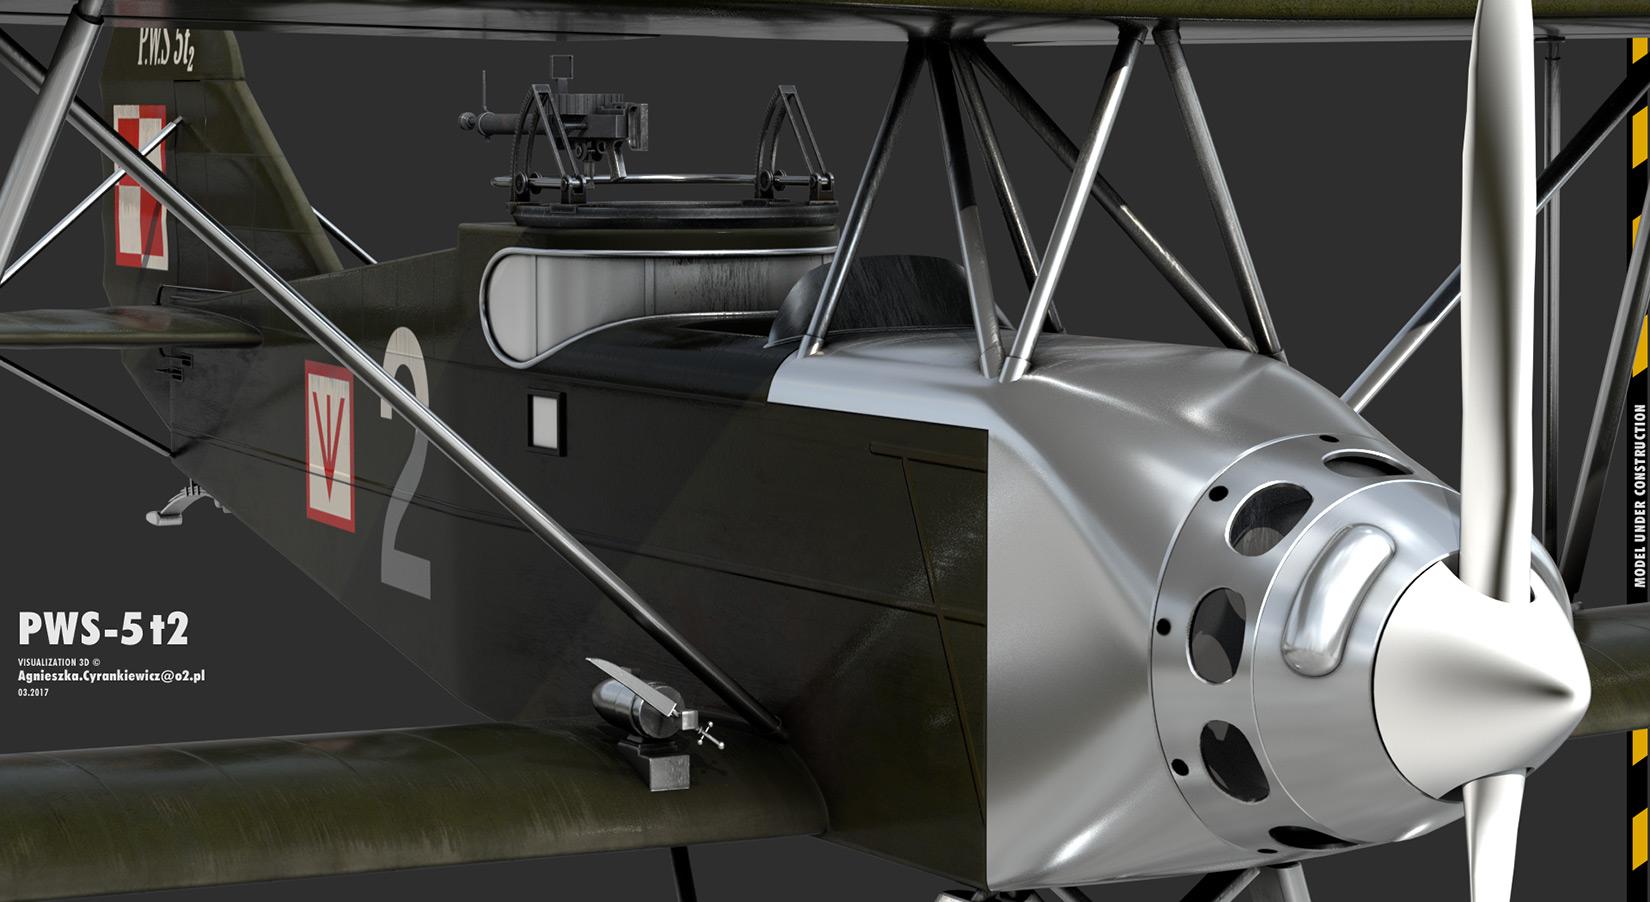 PWS Podlaska Wytwórnia Samolotów, PWS 5t2, PWS 20, LOT, Polskie Linie Lotnicze, render, 3D, graphics, graphic